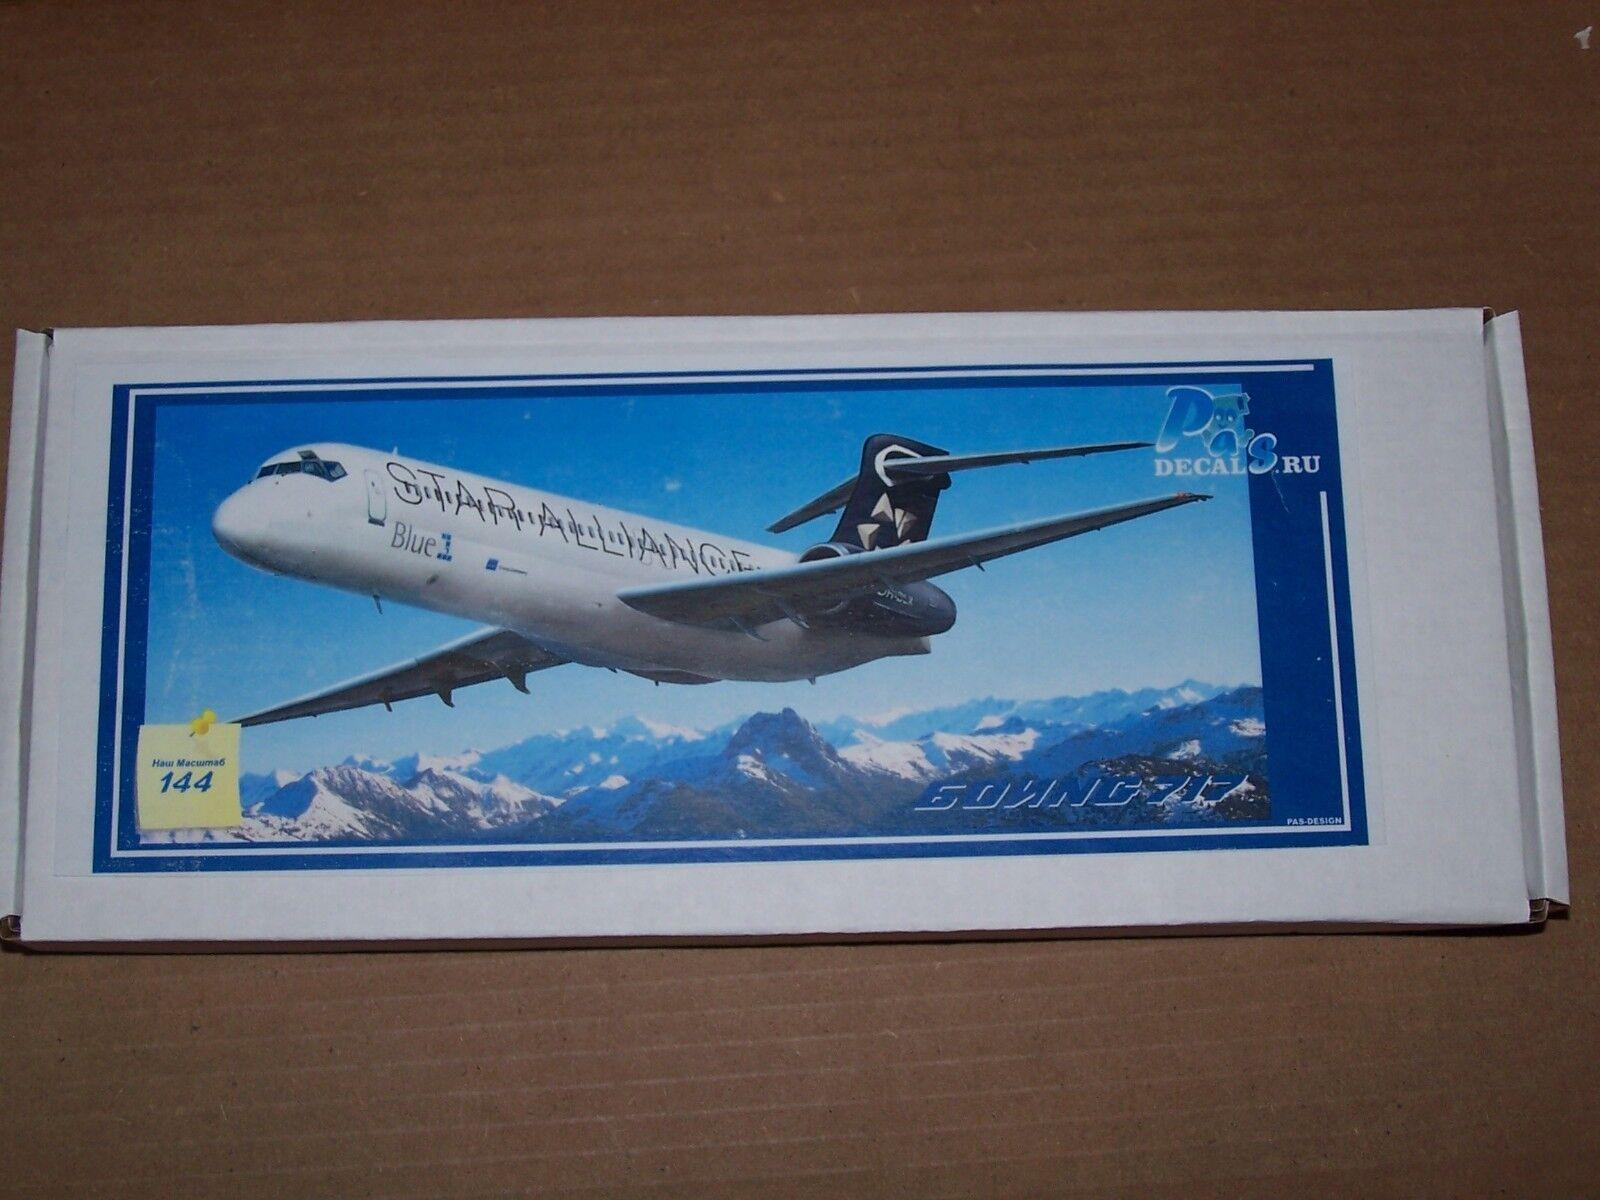 1 144 Pas Model Boeing 717 Star Alliance resin model kit